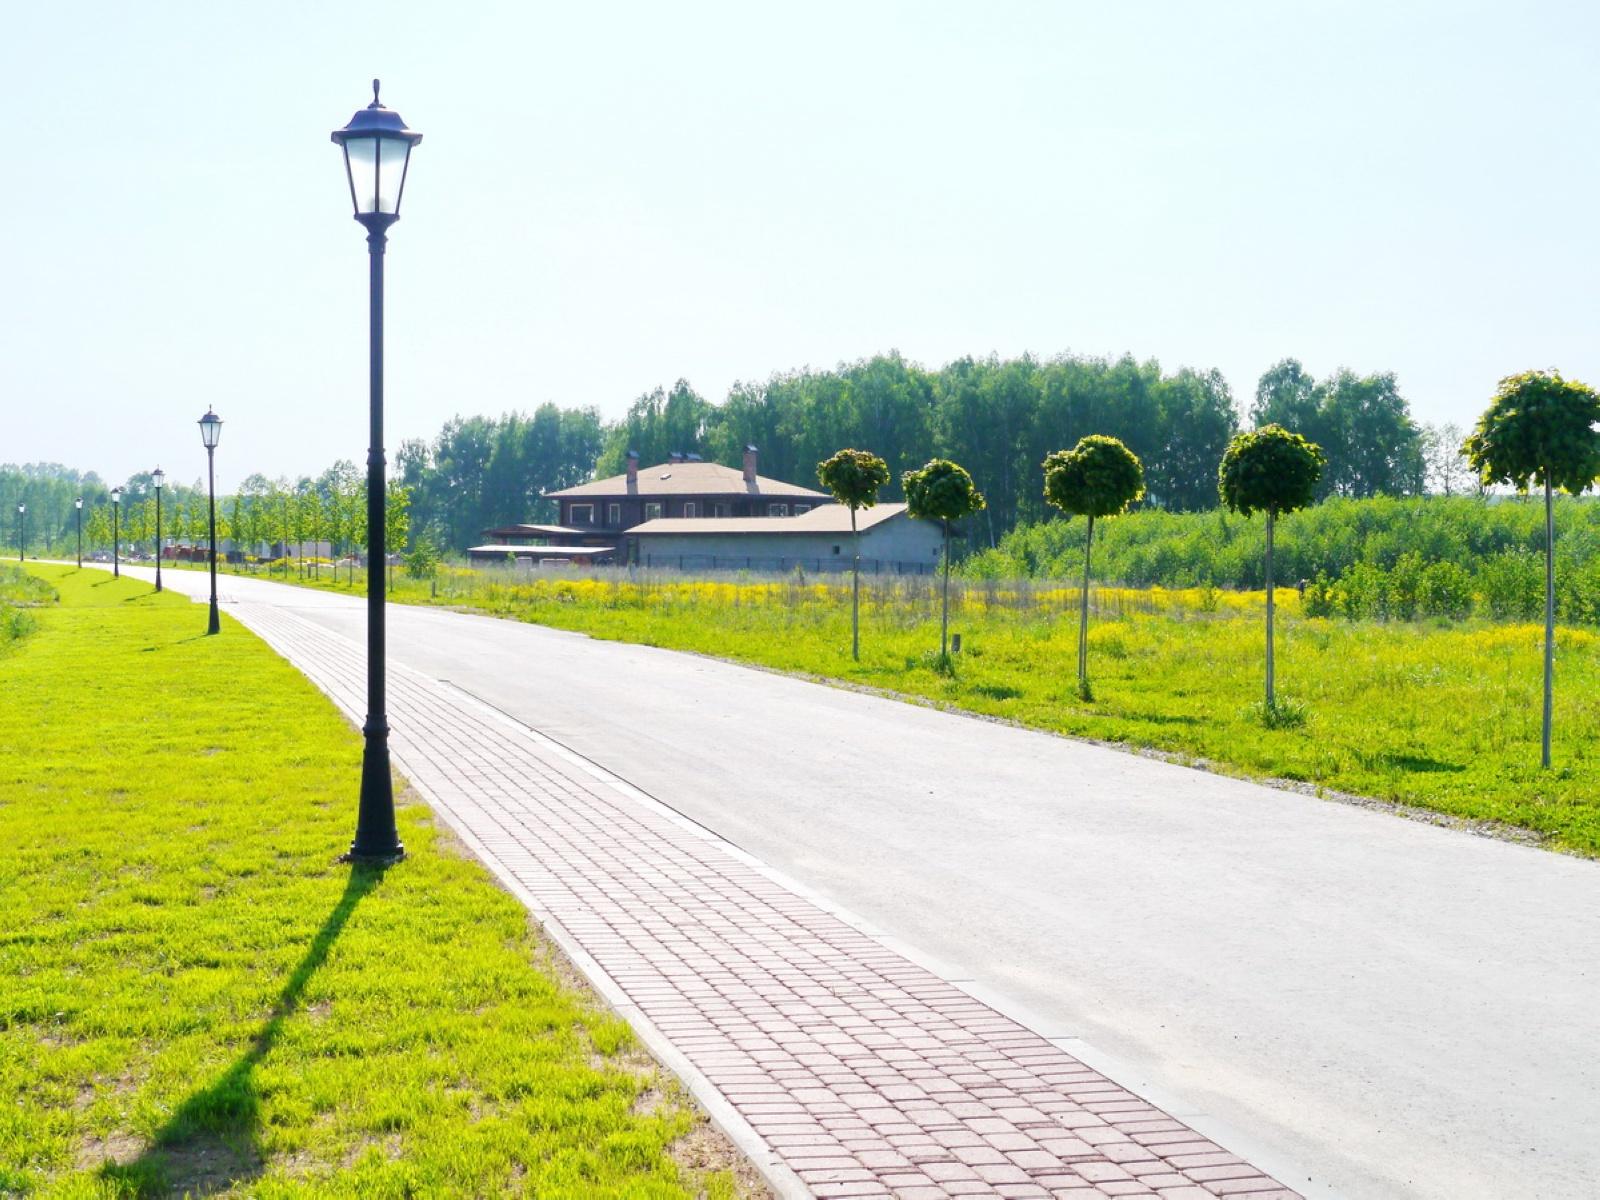 ул. Солнечная, май 2015